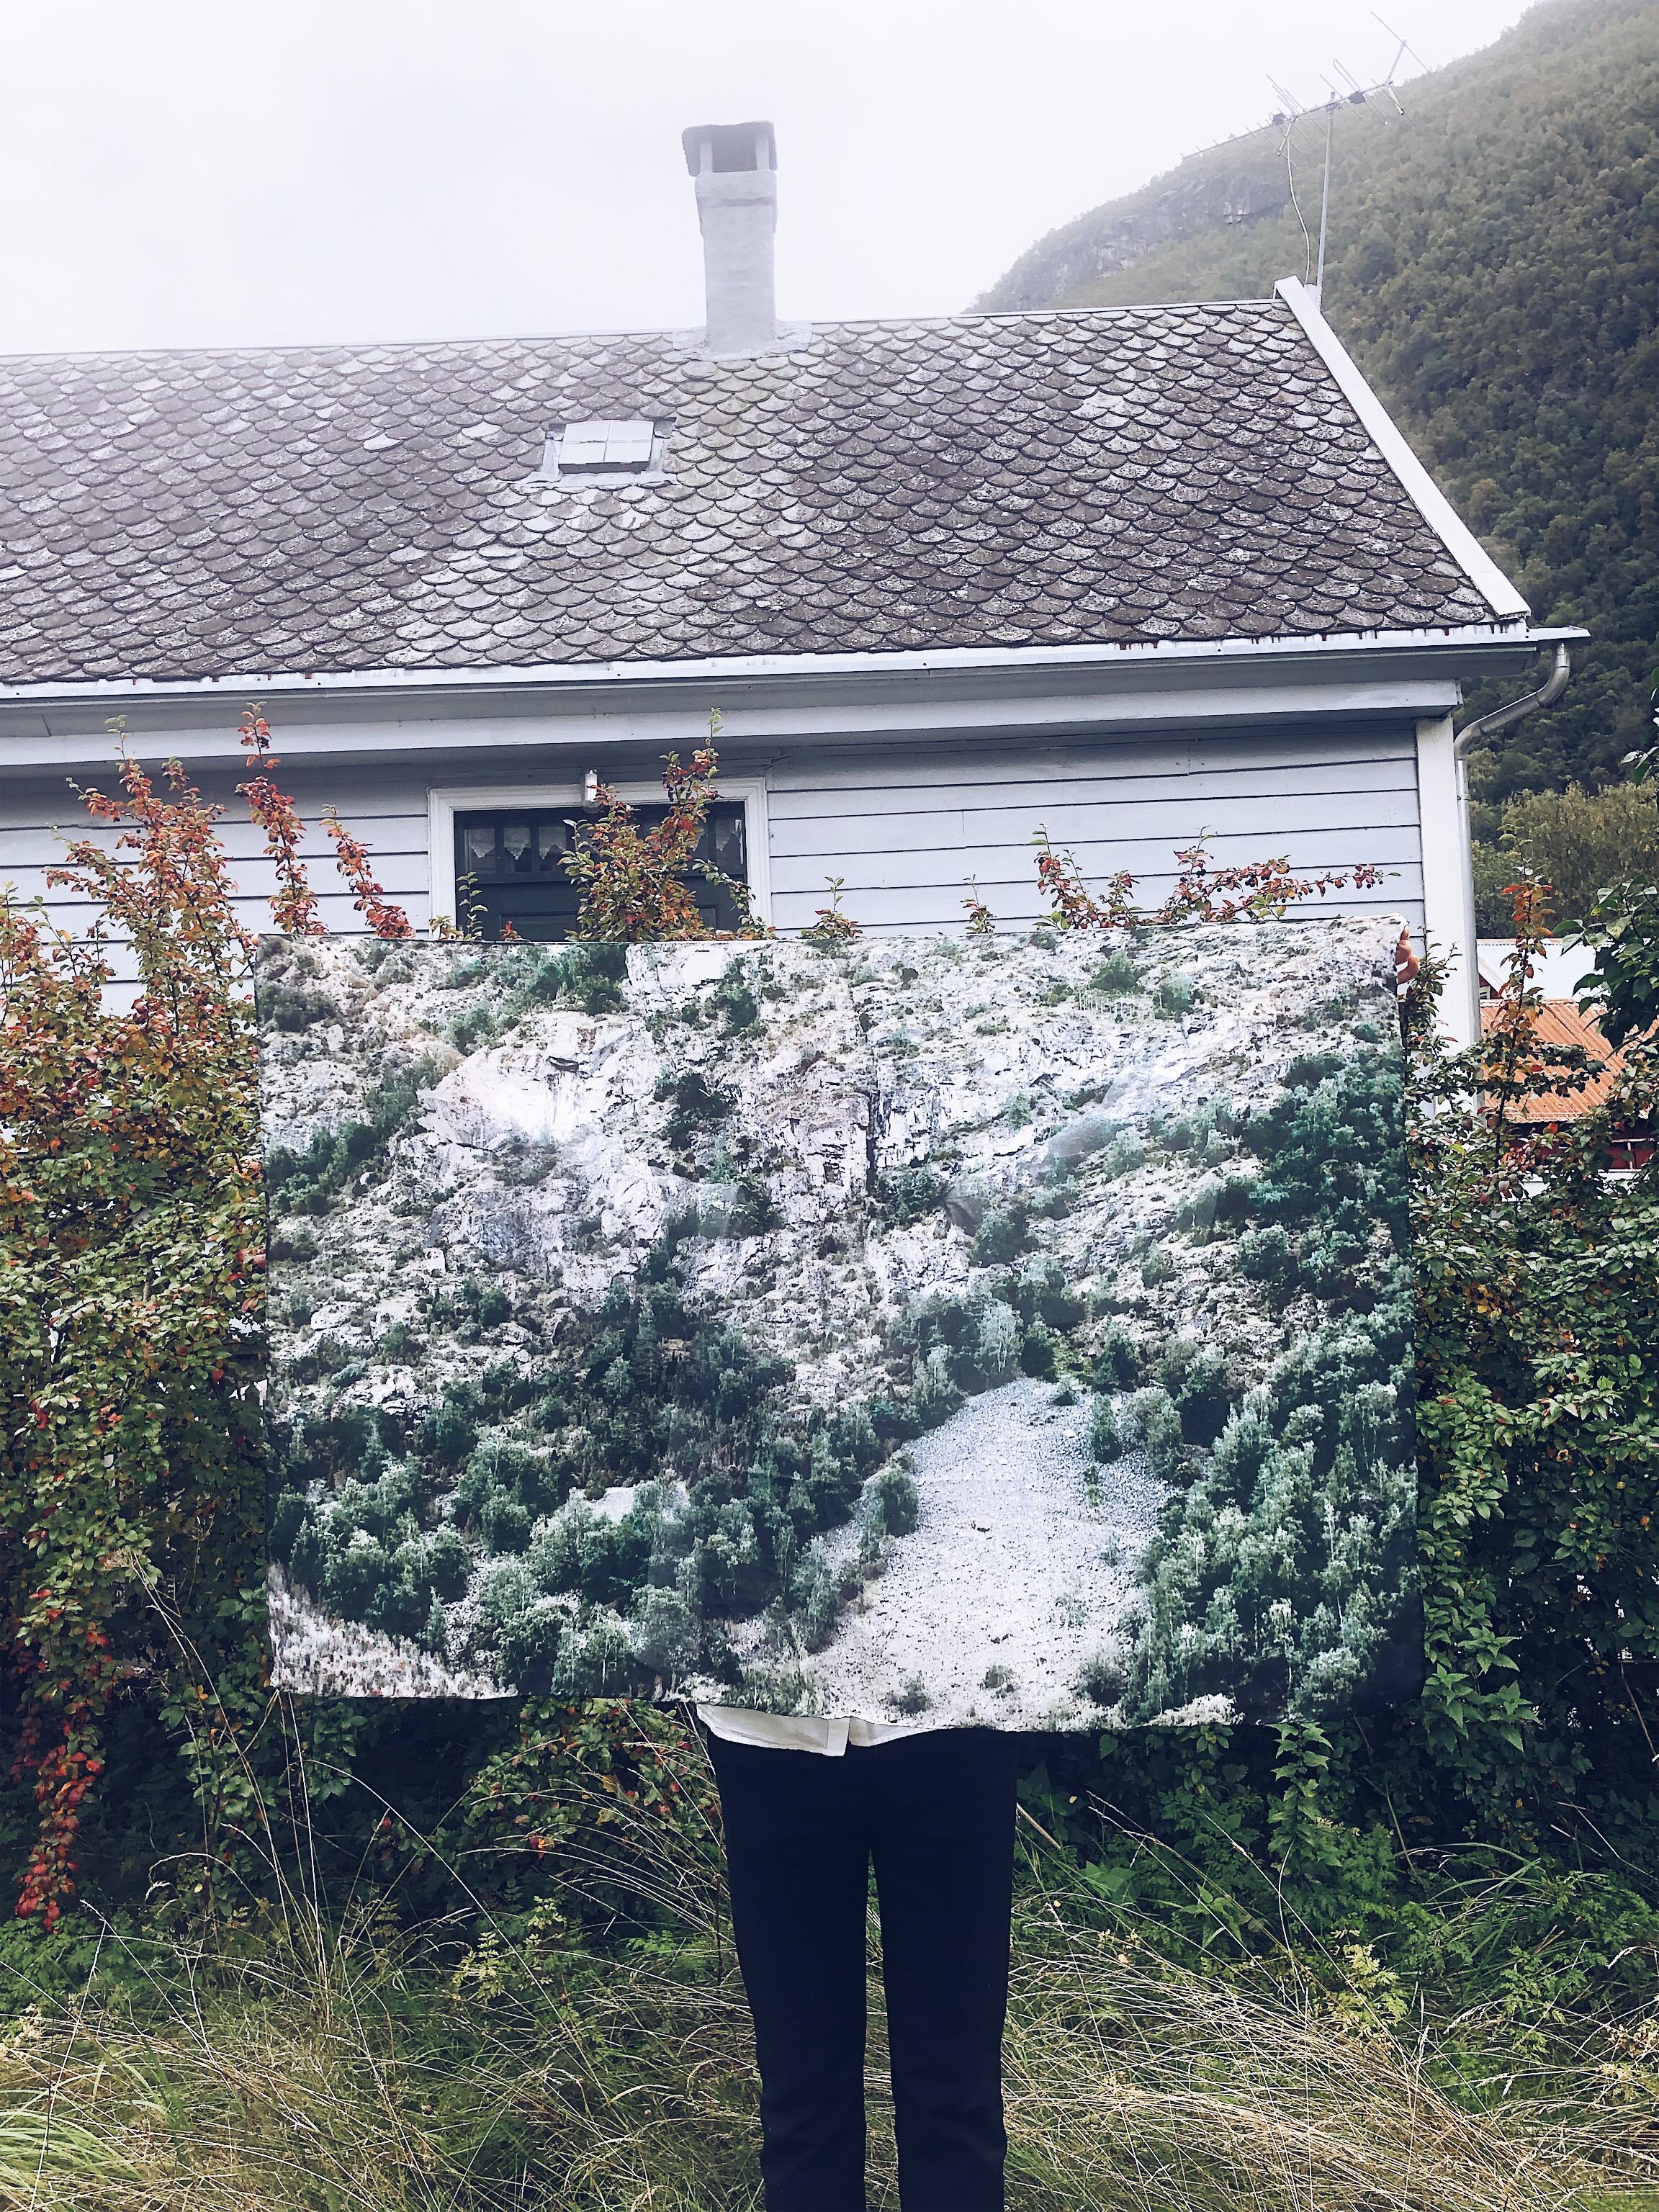 LÆRDAL silkeskjerf - Fjellsida